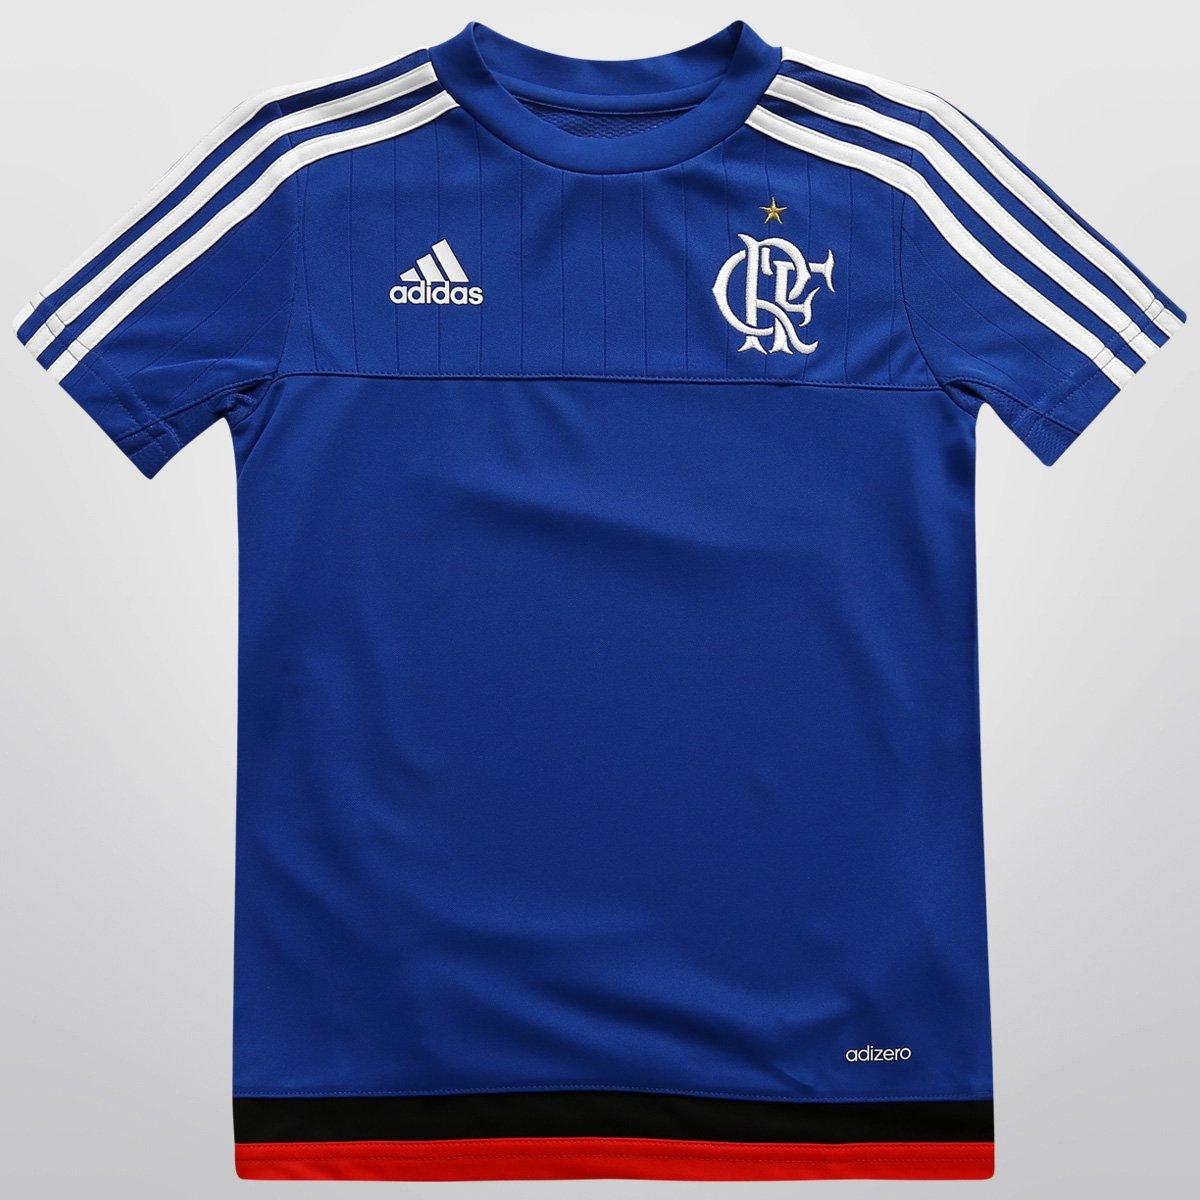 d41395ba3843b Camisa Adidas Flamengo Treino 2015 Infantil - Compre Agora